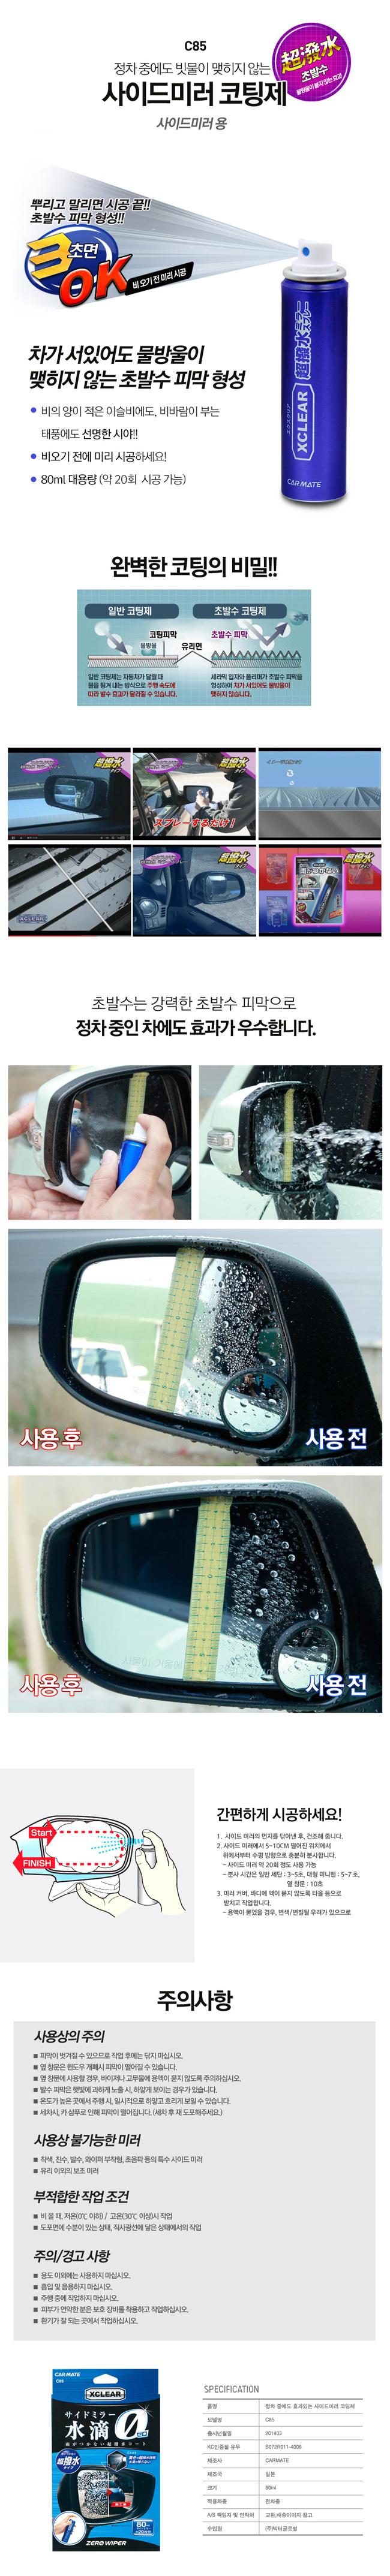 카메이트 C59 정차 중에도 빗물이 맺히지 않는 초발수 사이드미러 코팅제/비오기 전 미리 시공/CARMATE